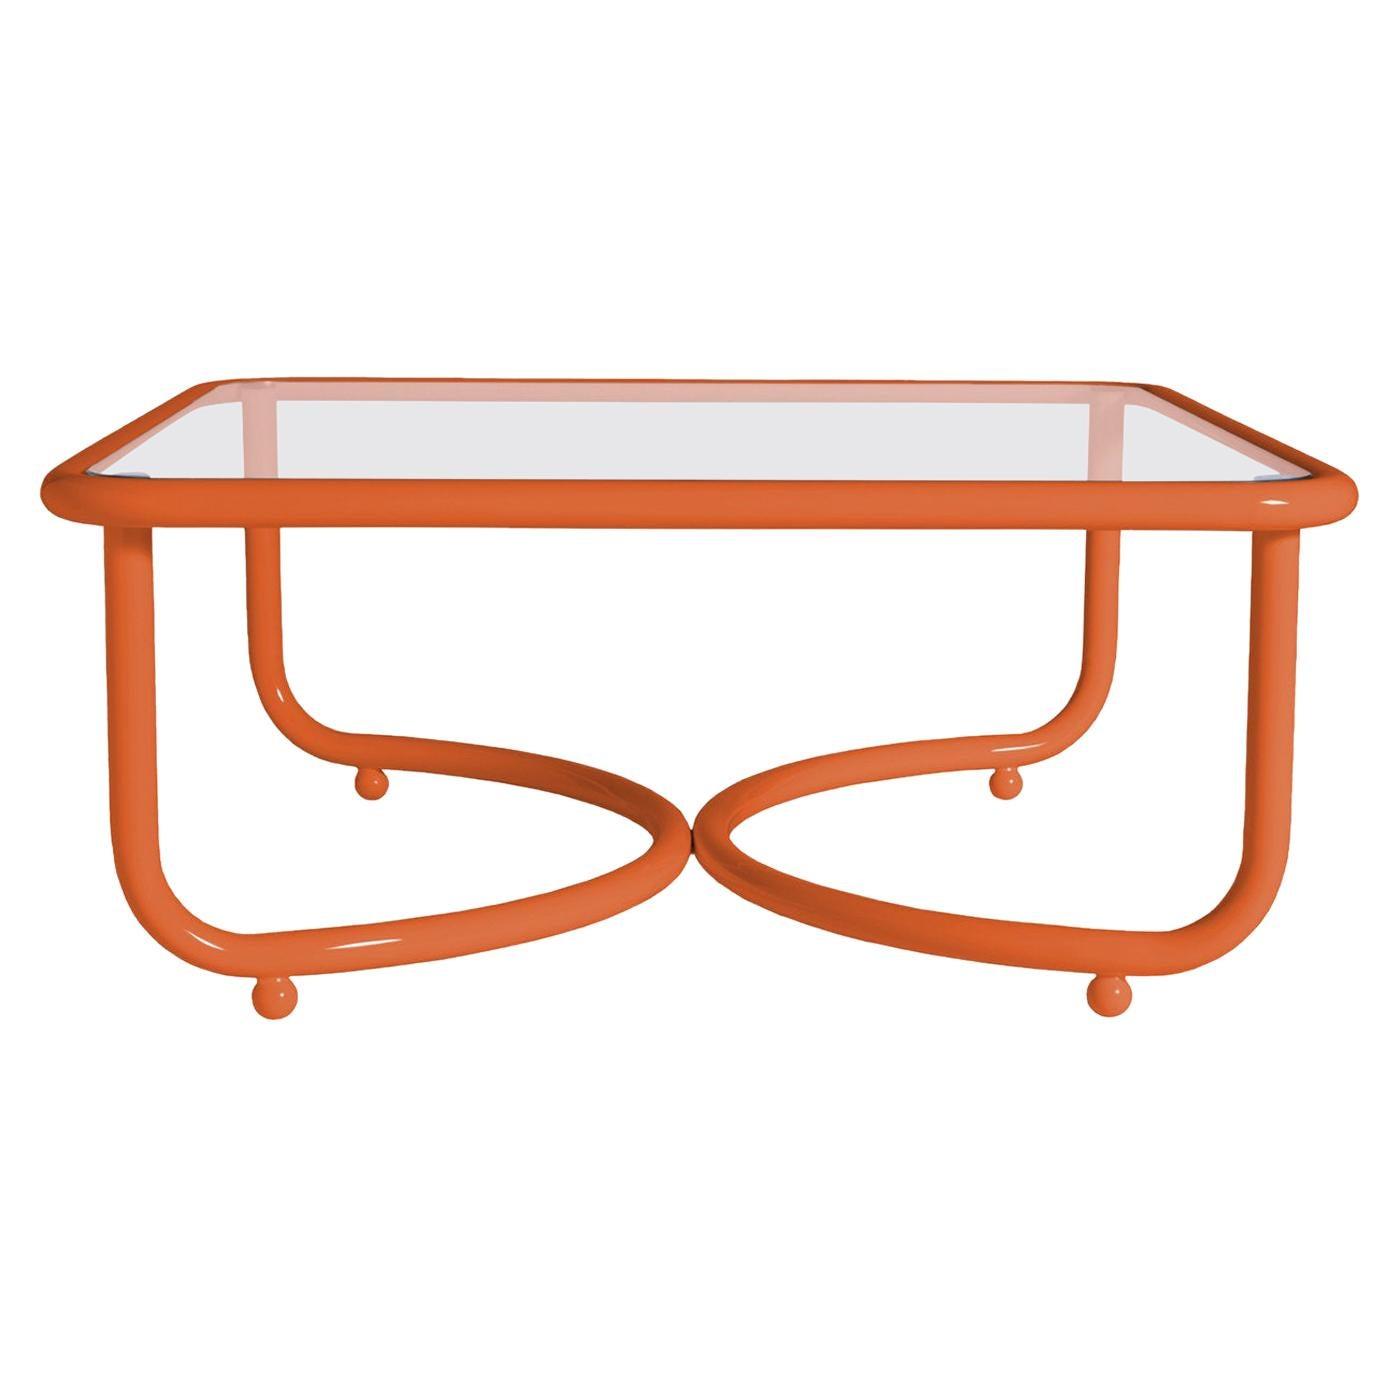 Locus Solus Orange Low Table by Gae Aulenti